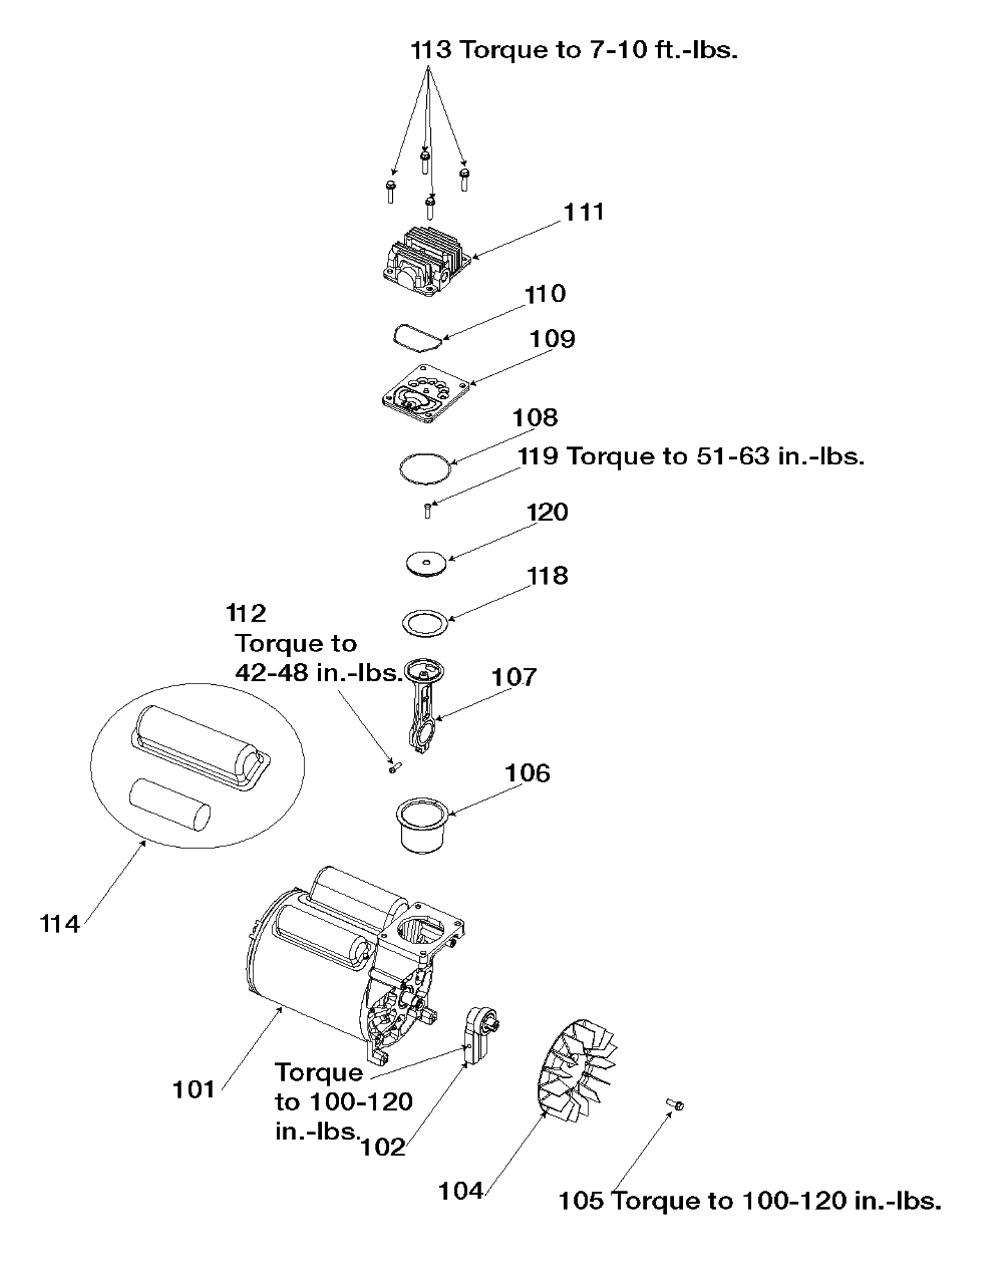 CPF23400P-Porter-Cable-T2-PB-1Break Down